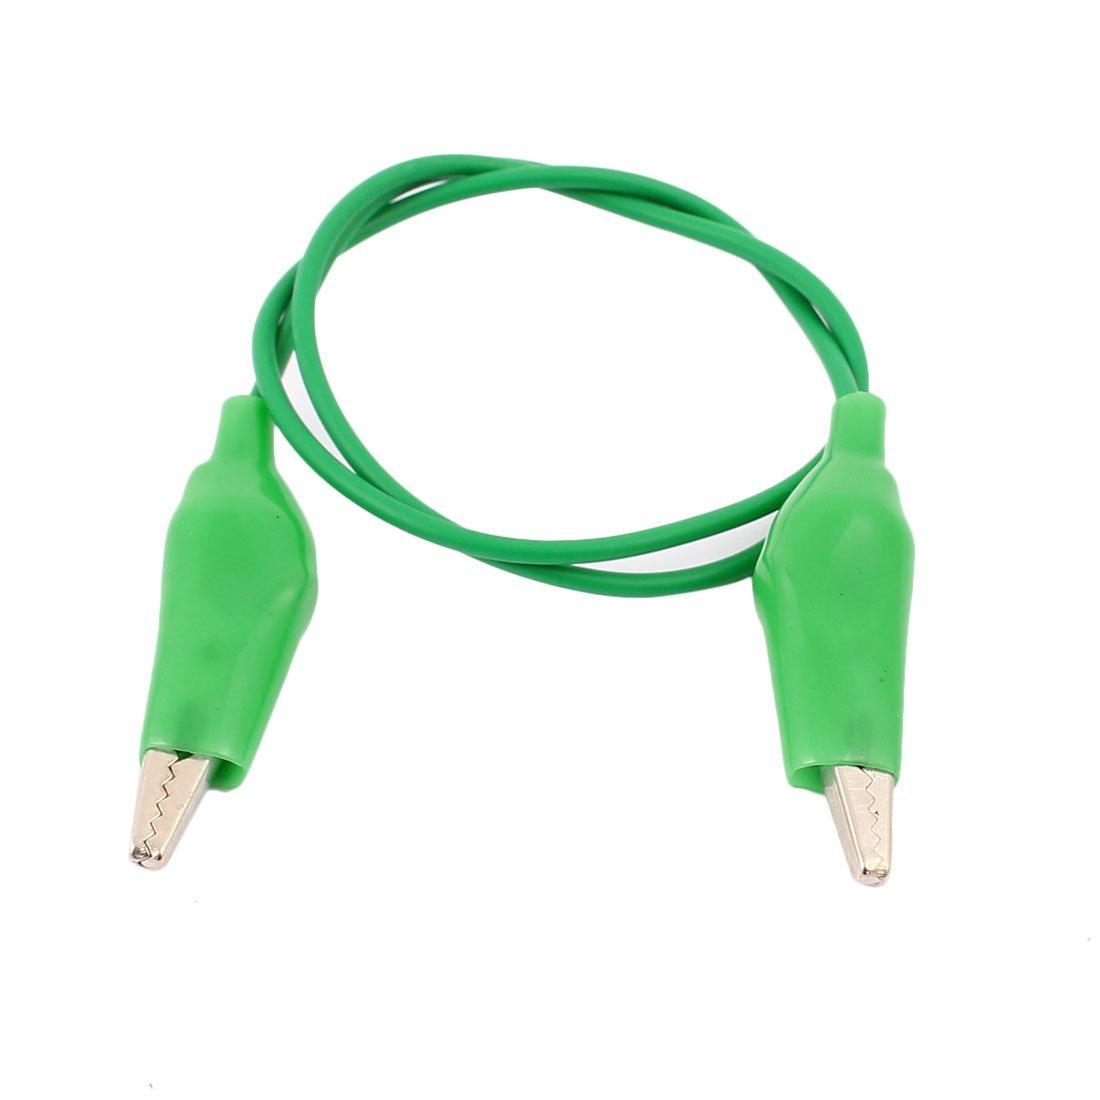 Laboratorio de la batería del coche de pruebas aislada eDealMax arranque cocodrilo clip de cable 55cm 4pcs Long Green - - Amazon.com